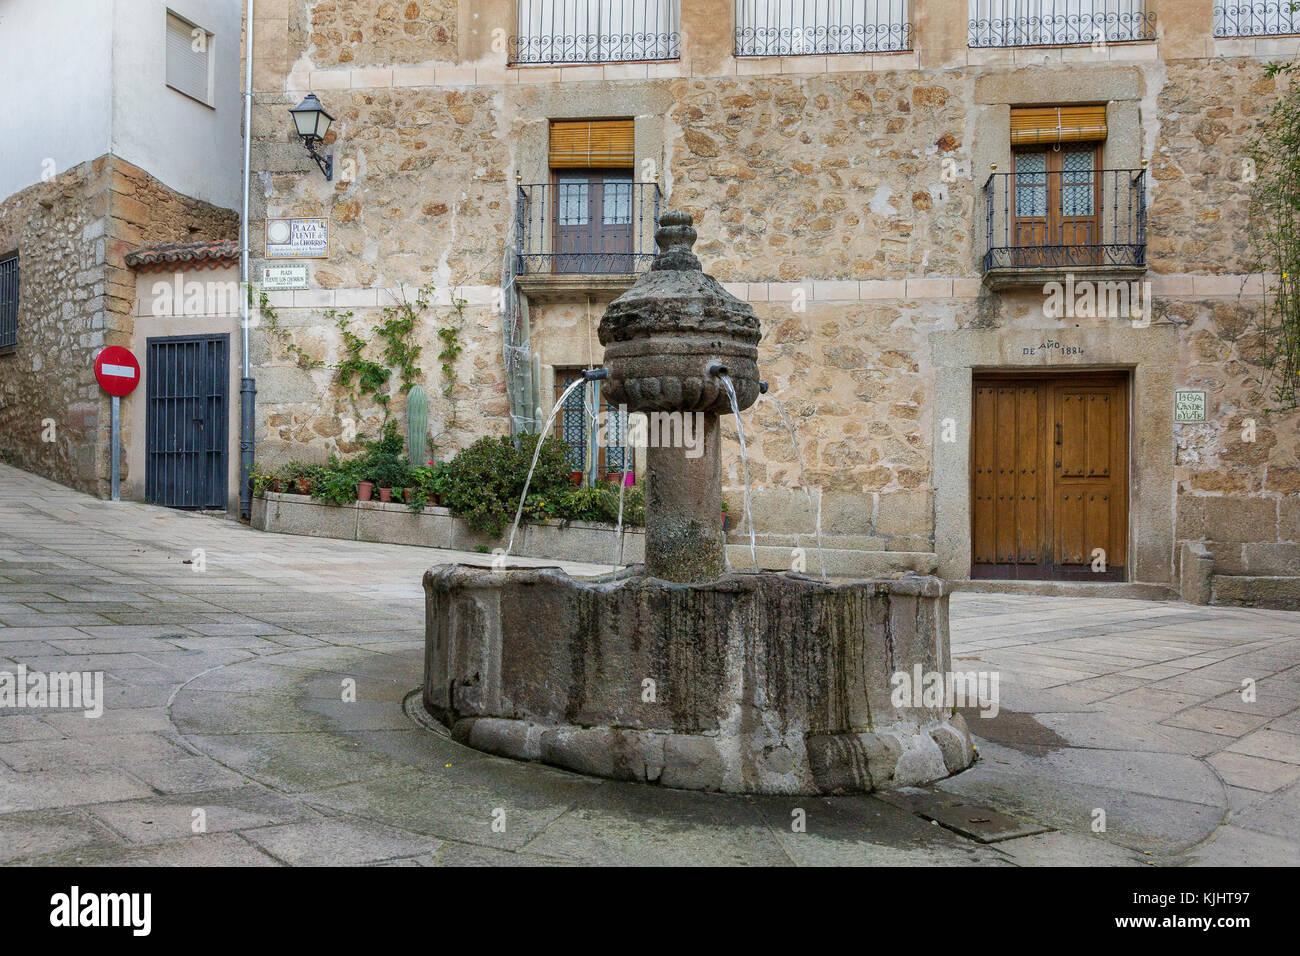 Fuente de los cuatro caños, fountain in the middle of a quiet lonely square in Garganata la Olla, Extremadura - Stock Image